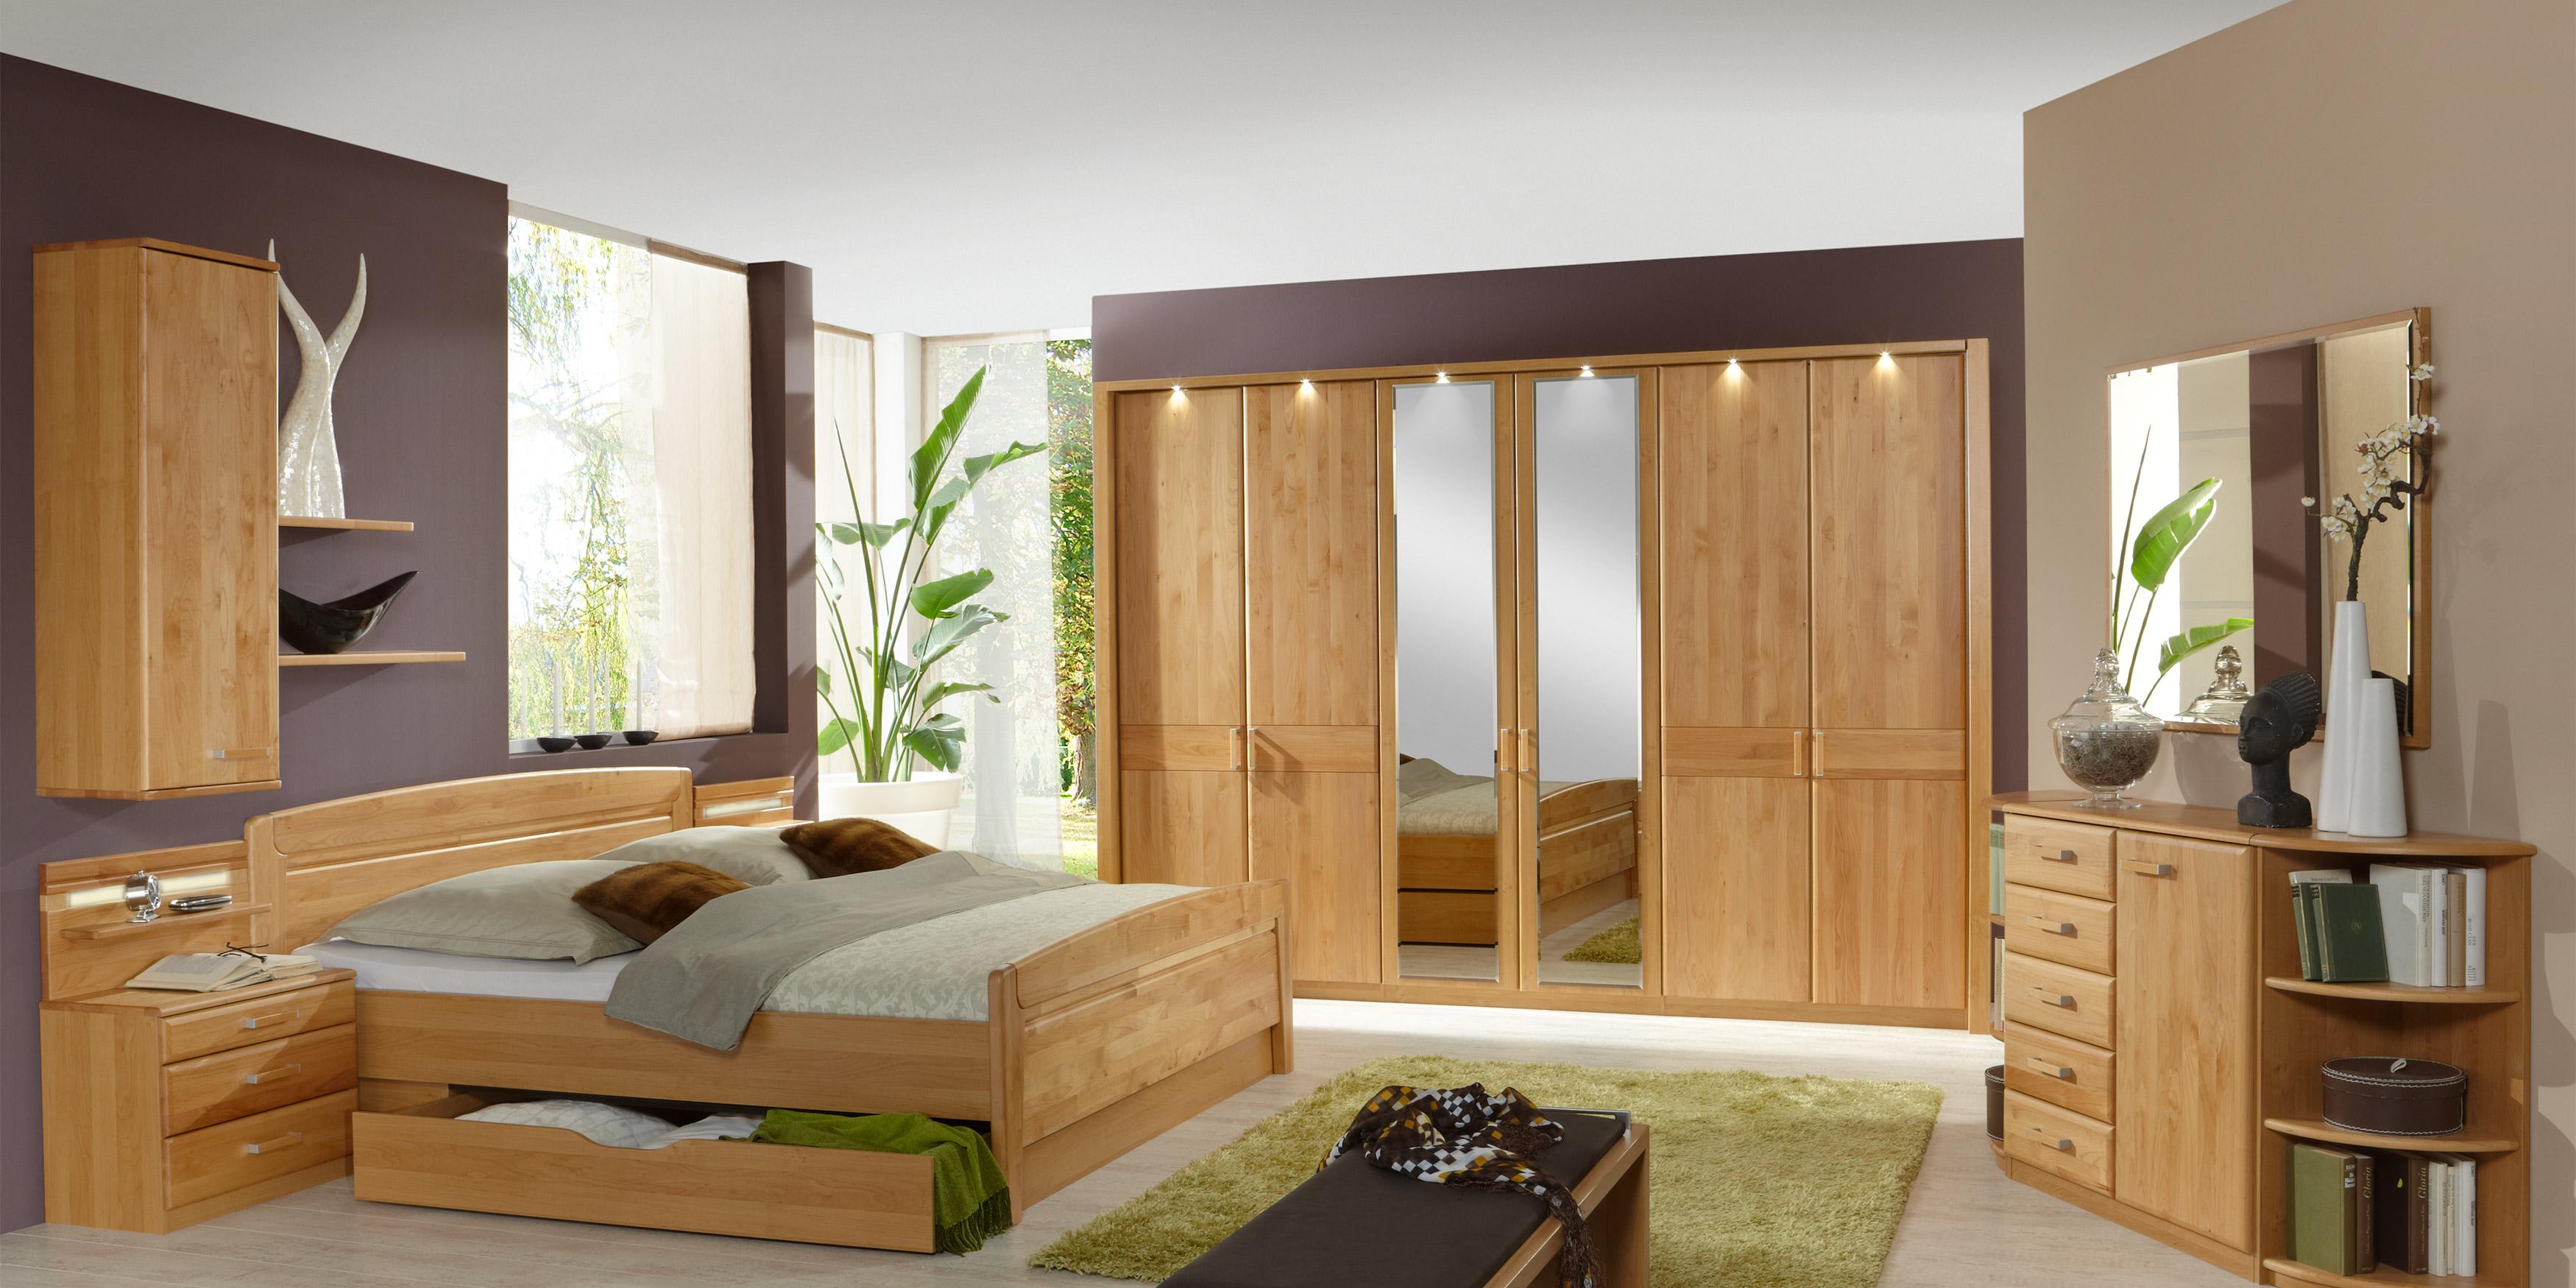 Schlafzimmer Klassisch Wei : Erleben sie das schlafzimmer lausanne möbelhersteller